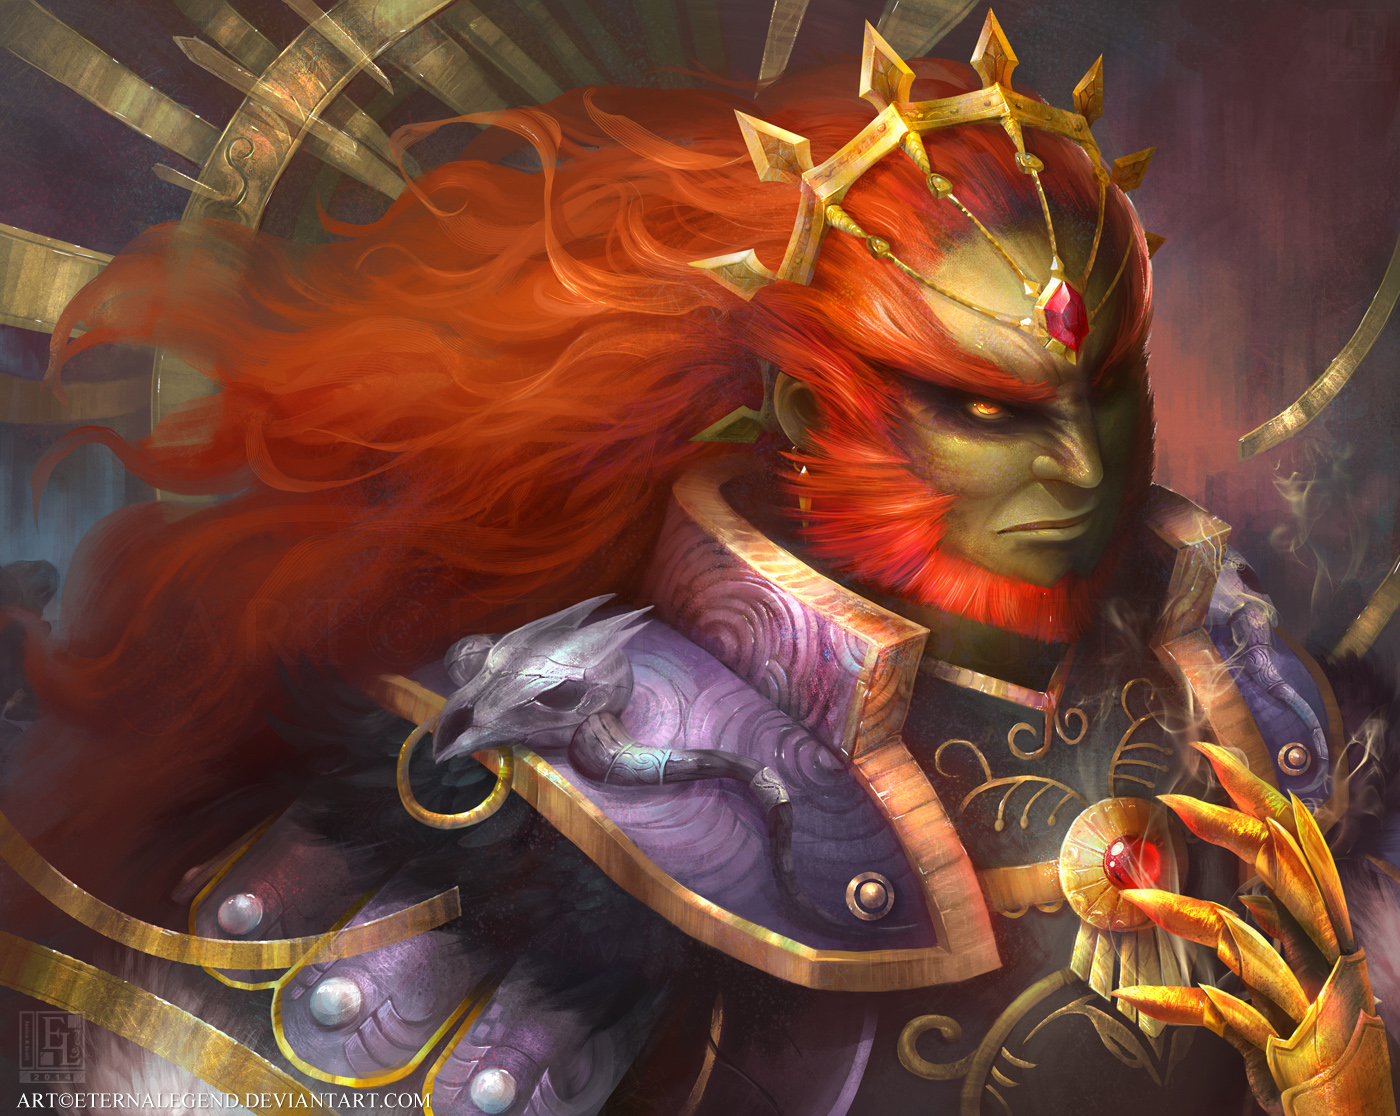 Galeria de Arte: Ficção & Fantasia 1 - Página 5 The_king_of_evil_by_eternalegend-d7xj7hm